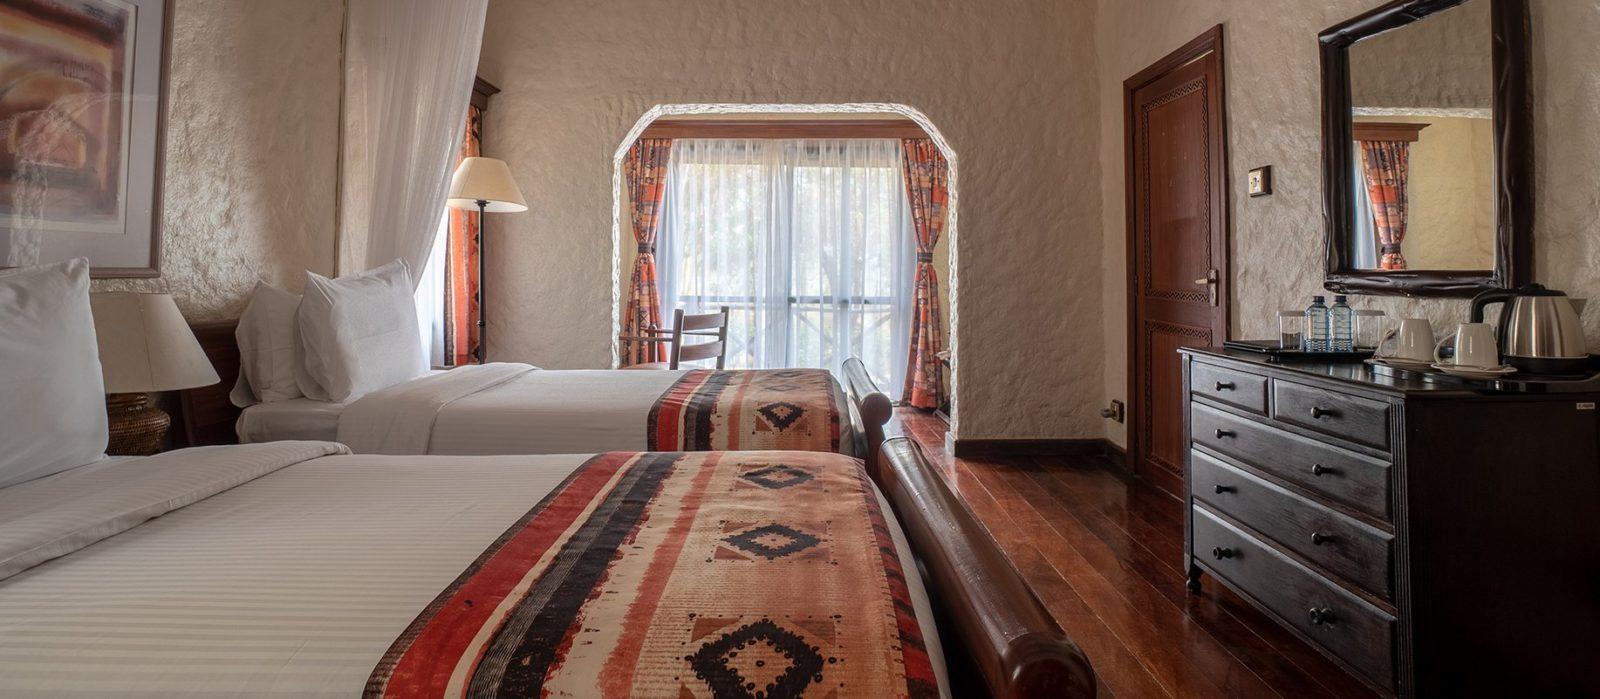 hotel nakuru